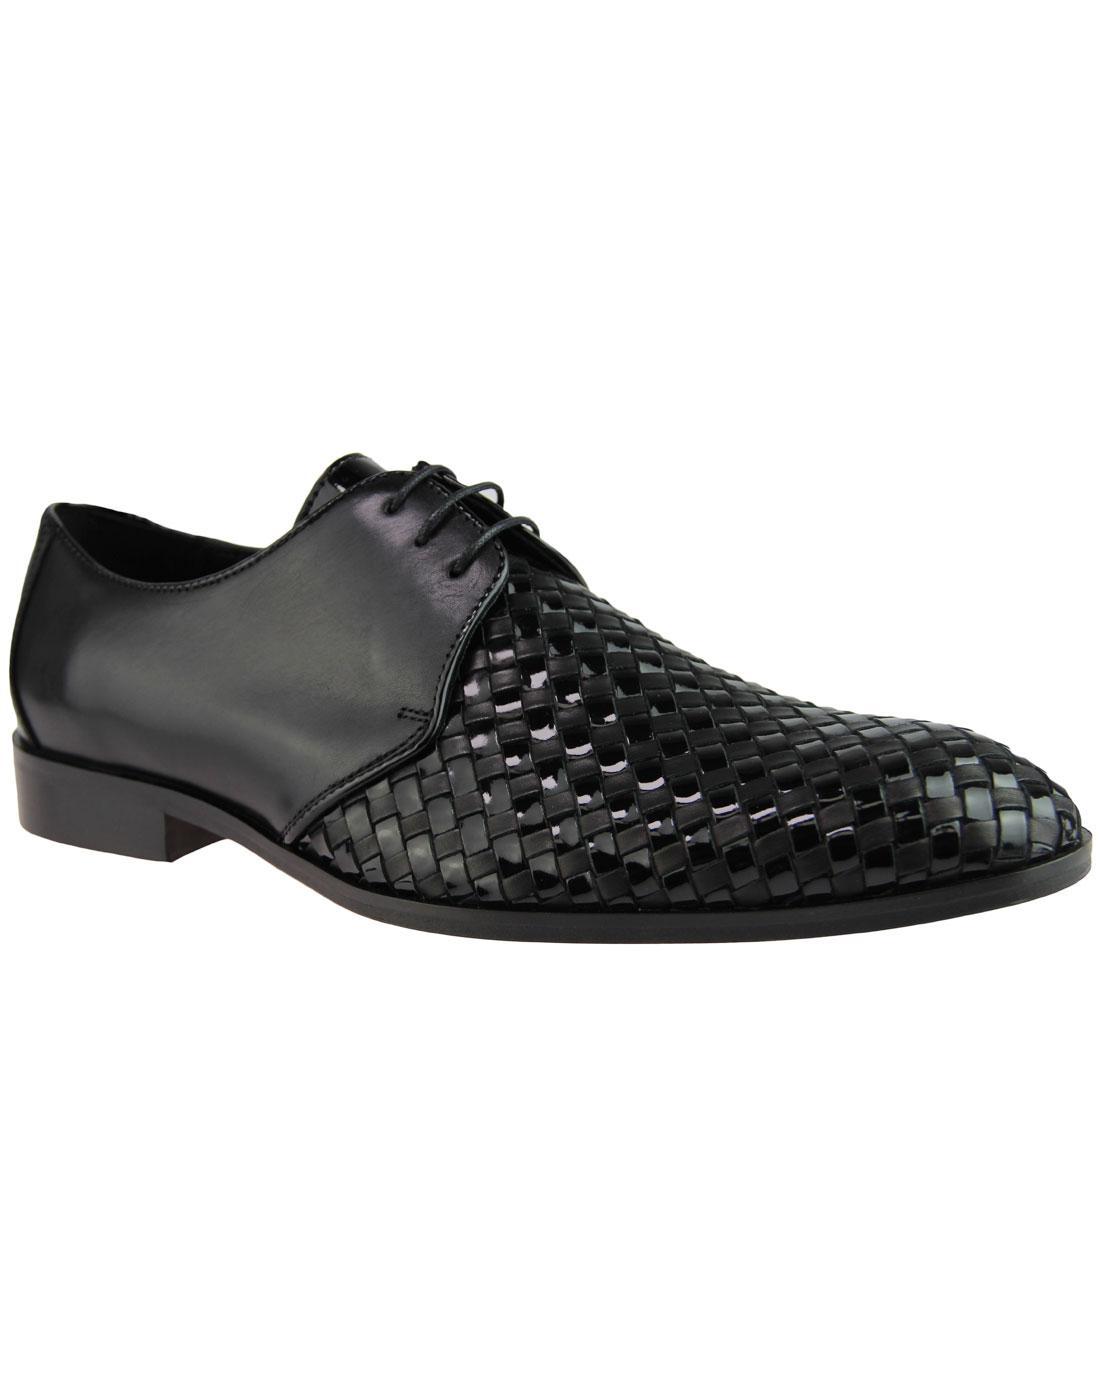 LACUZZO Mod Patent Basket Weave Derby Shoes BLACK